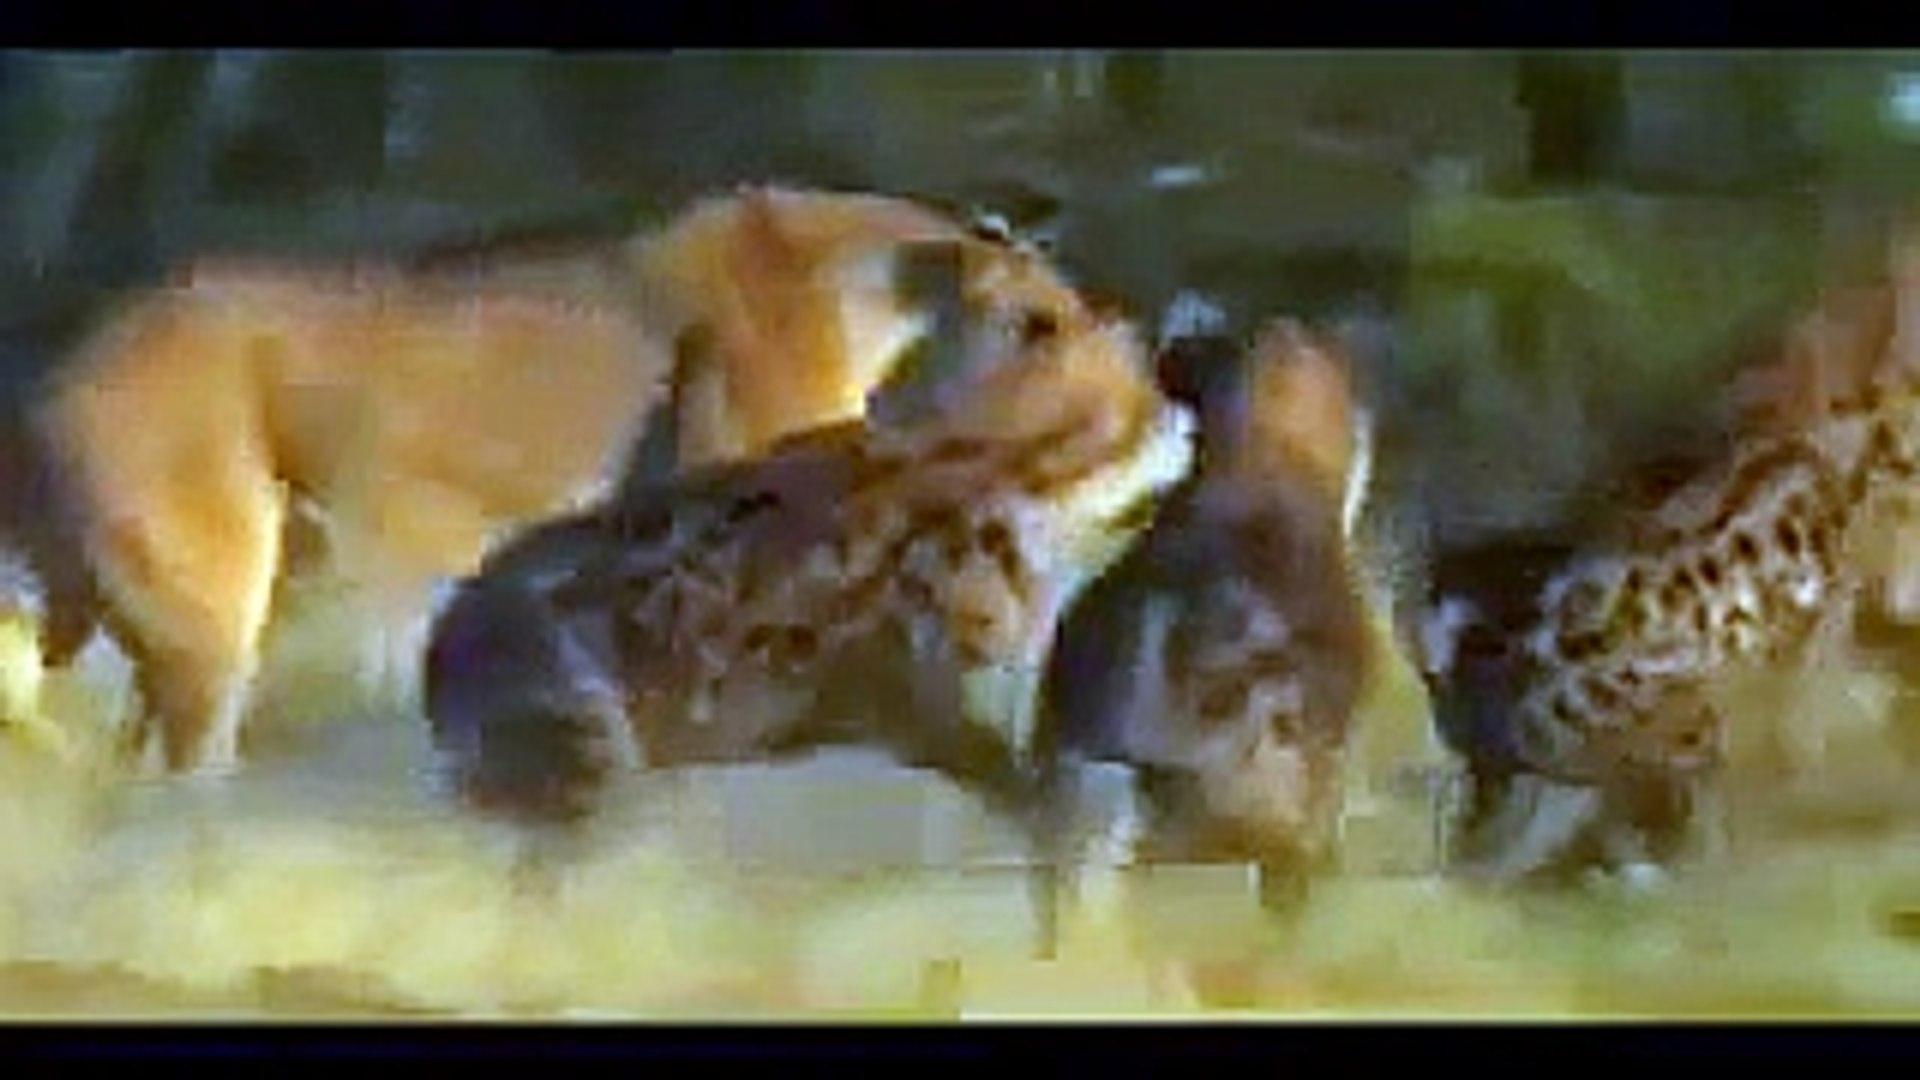 مقاطع مشوقة ومذهلة - للحيوانات حيوانات ذكية - اقوى الحيوانات المفترسة